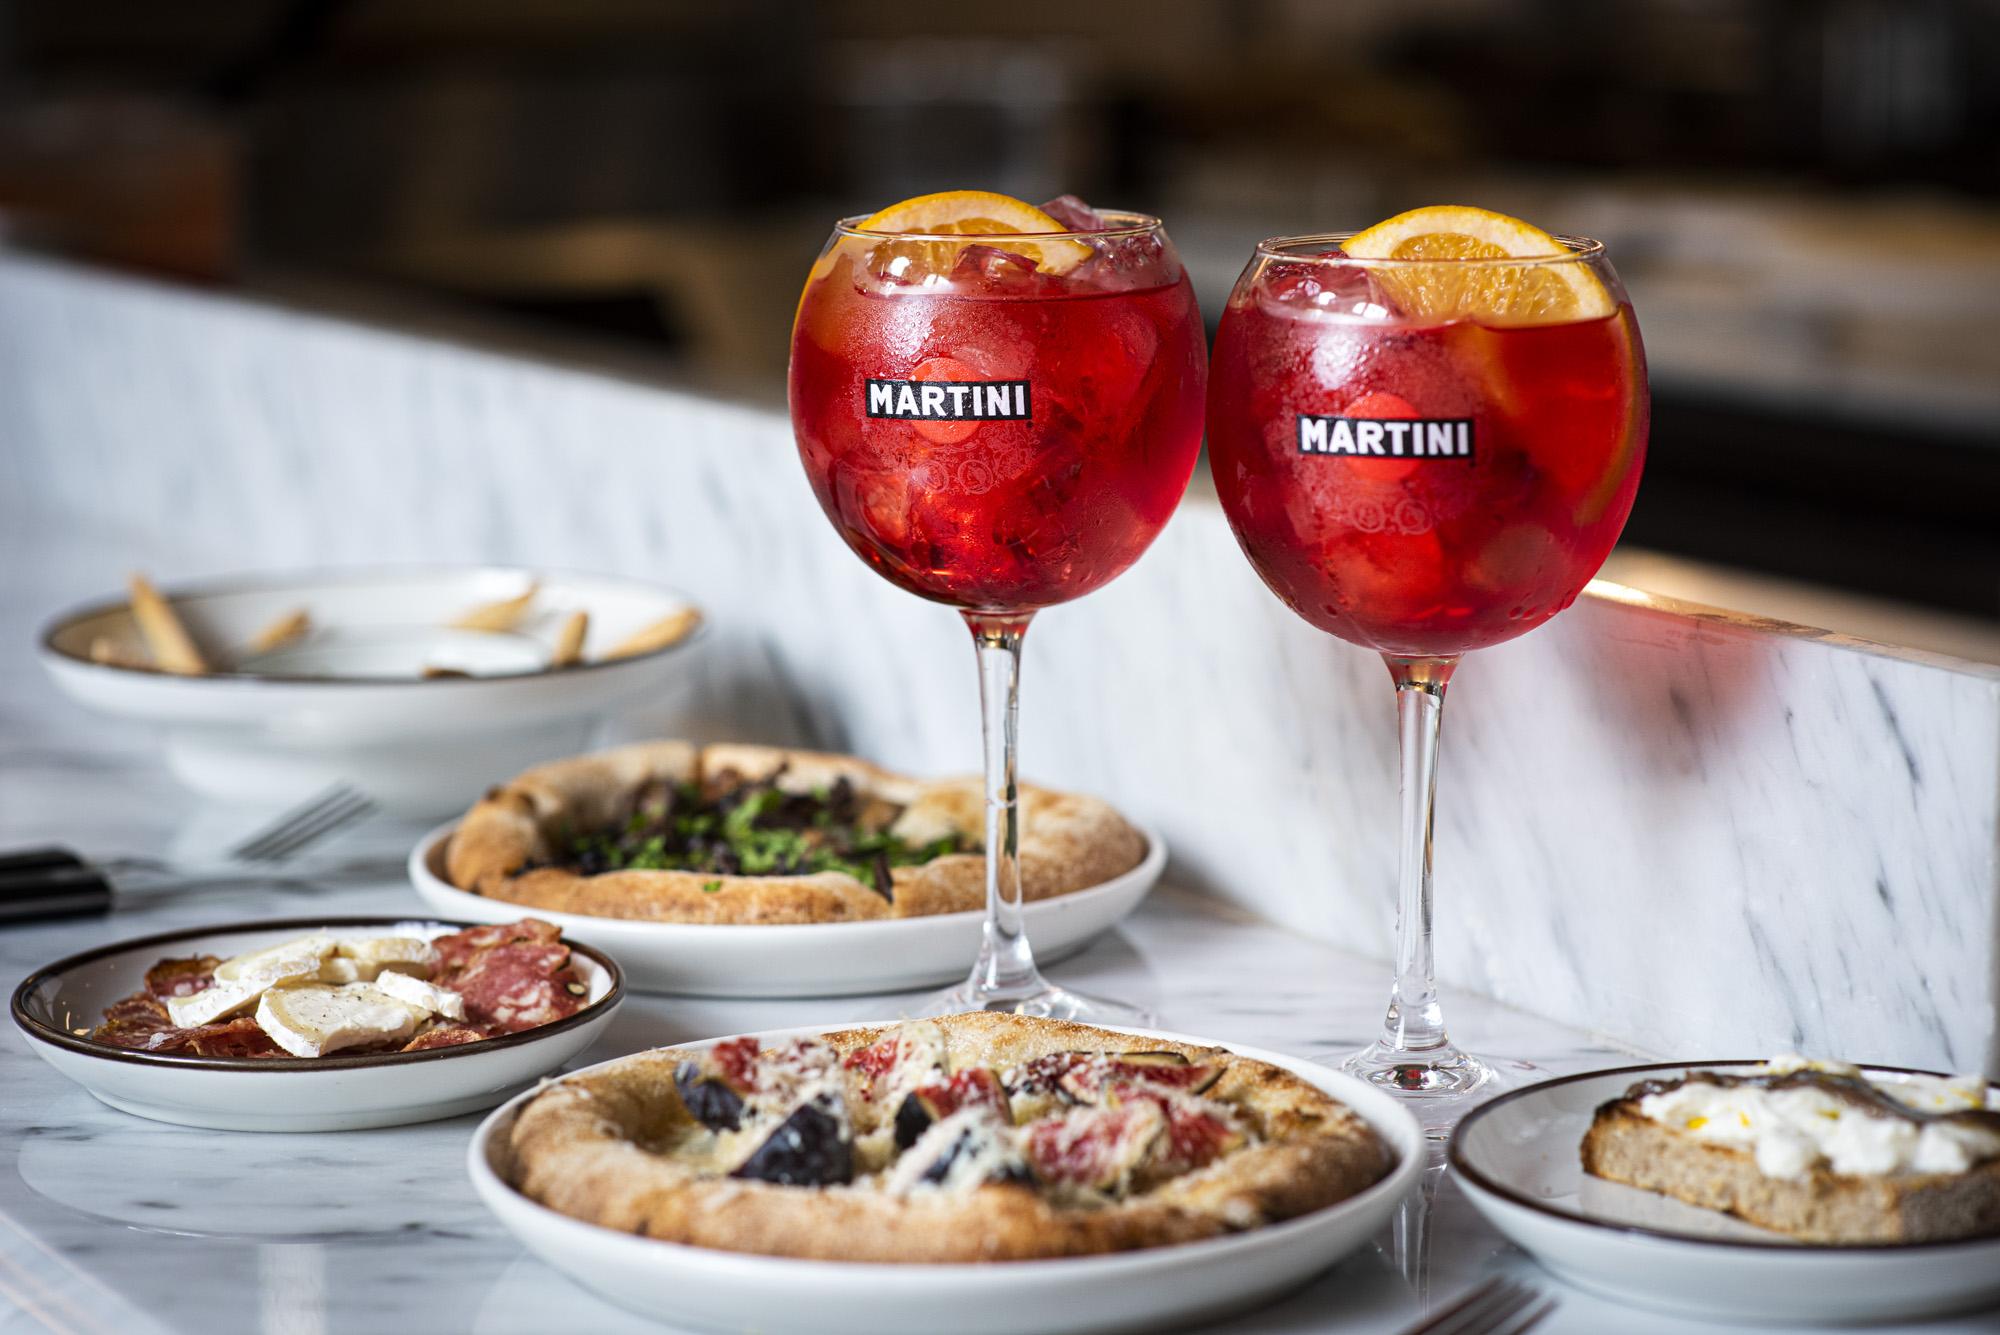 3. MARTINI Fiero x Laura Jackson aperitivo[1][1][3][1][4][1]